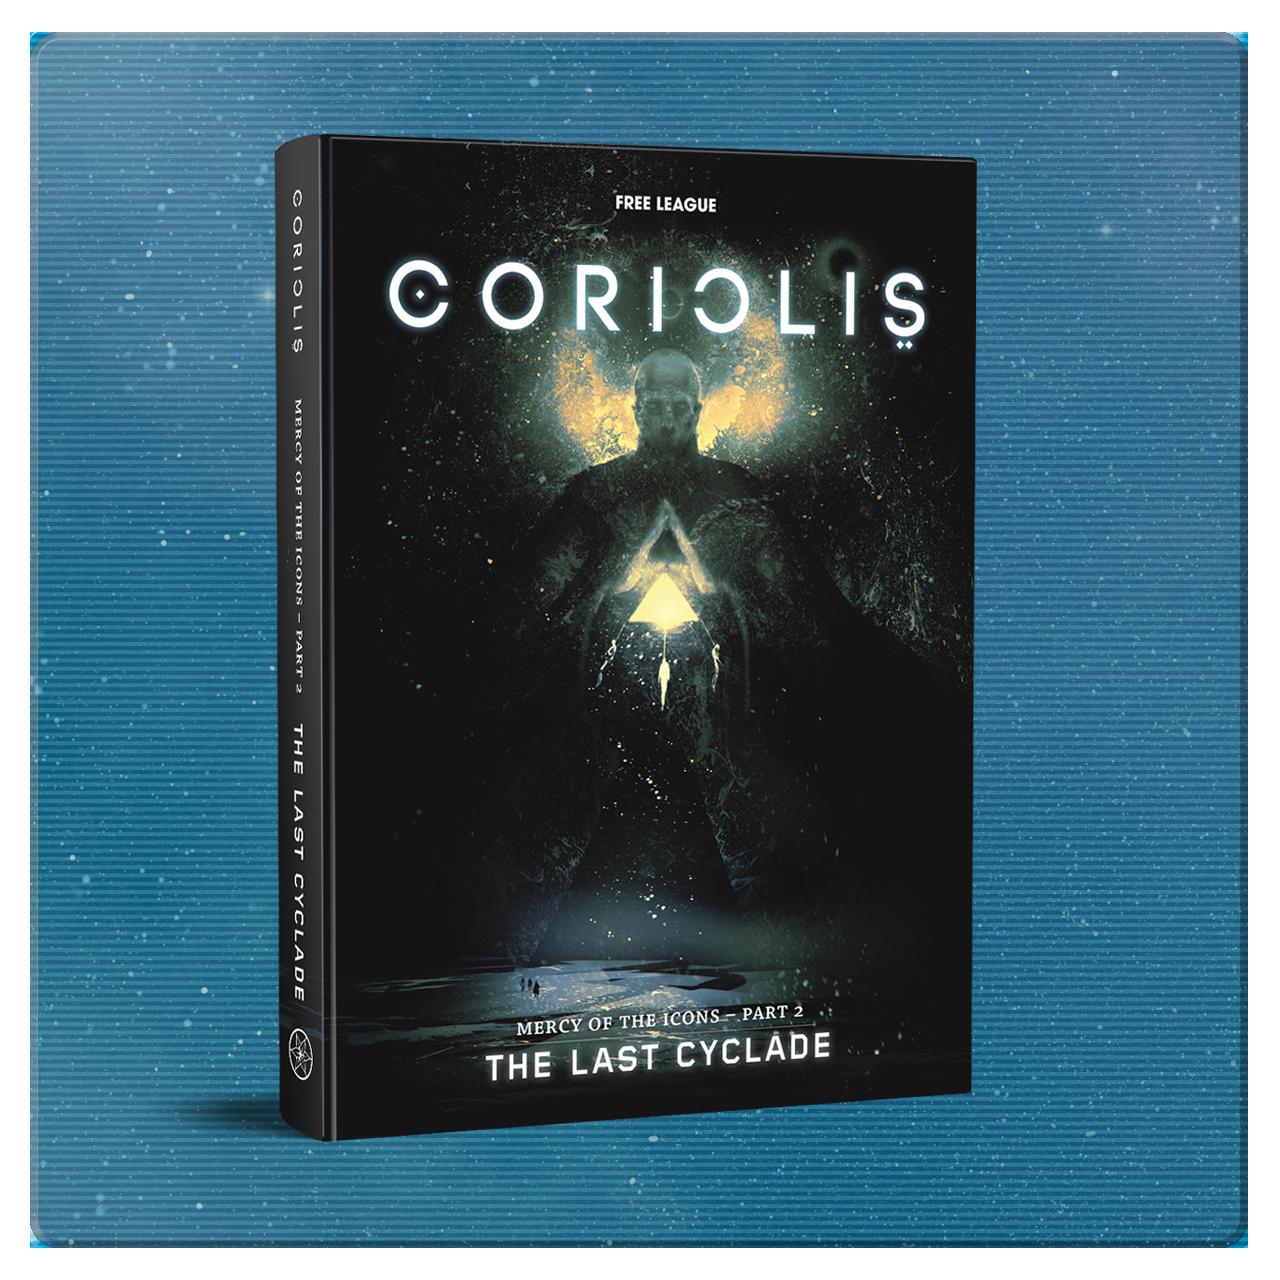 CORIOLIS - THE LAST CYCLADE